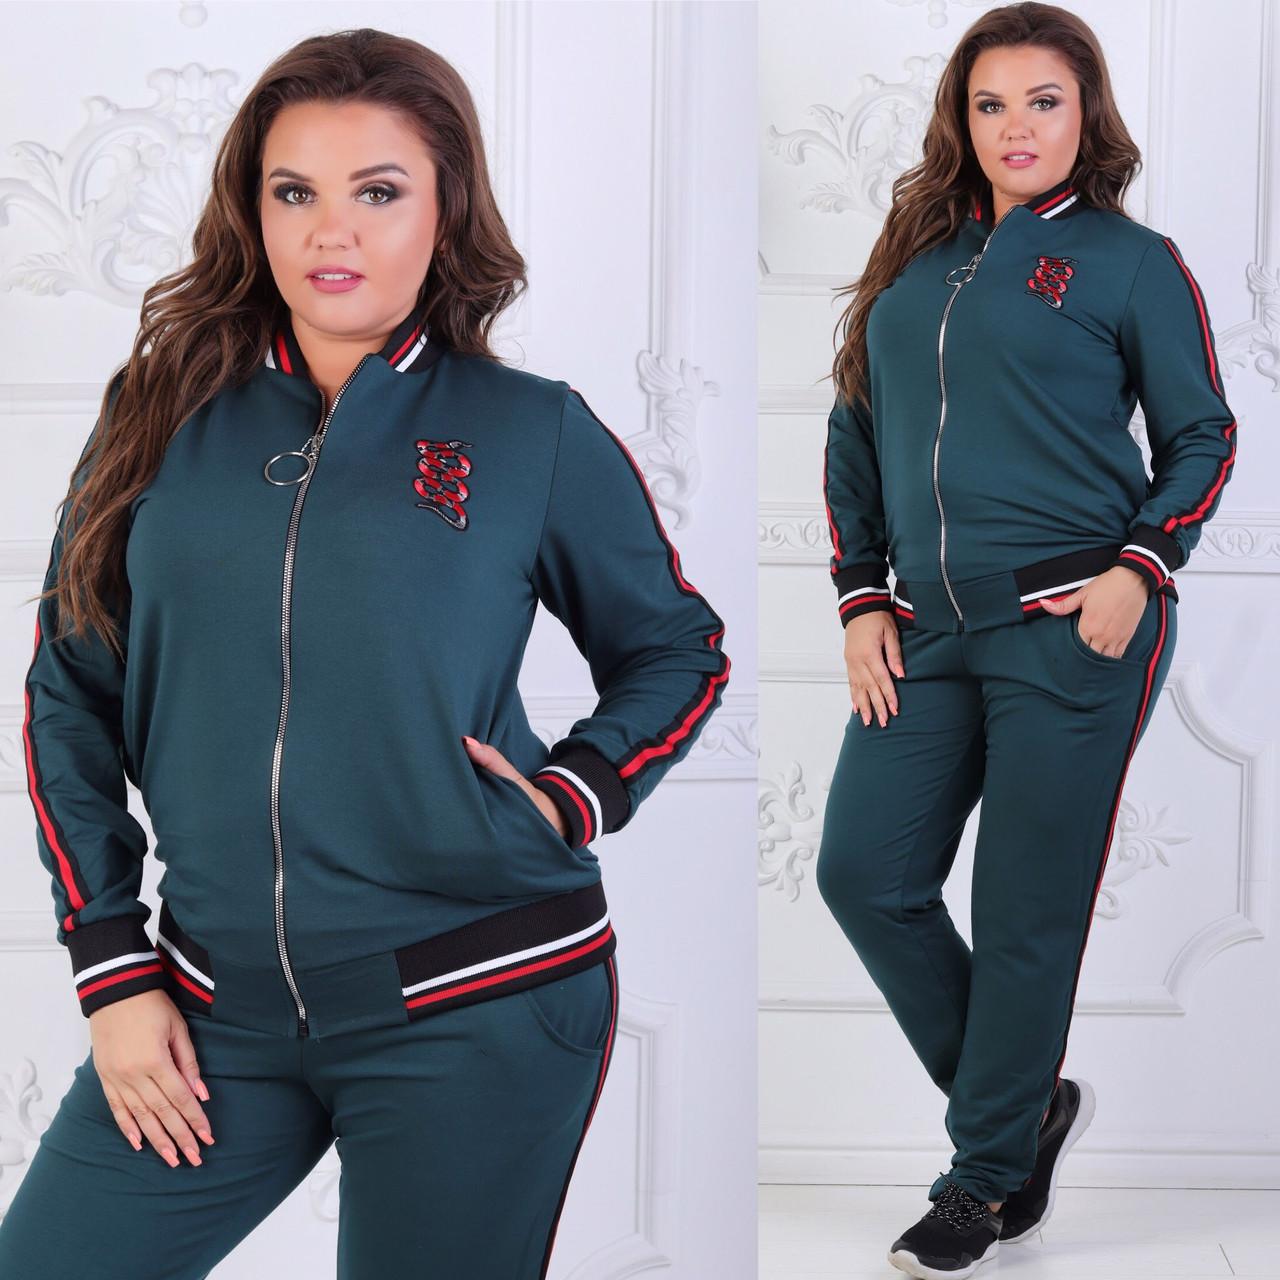 d74750860b0 Женский модный спортивный костюм с красными тонкими лампасами